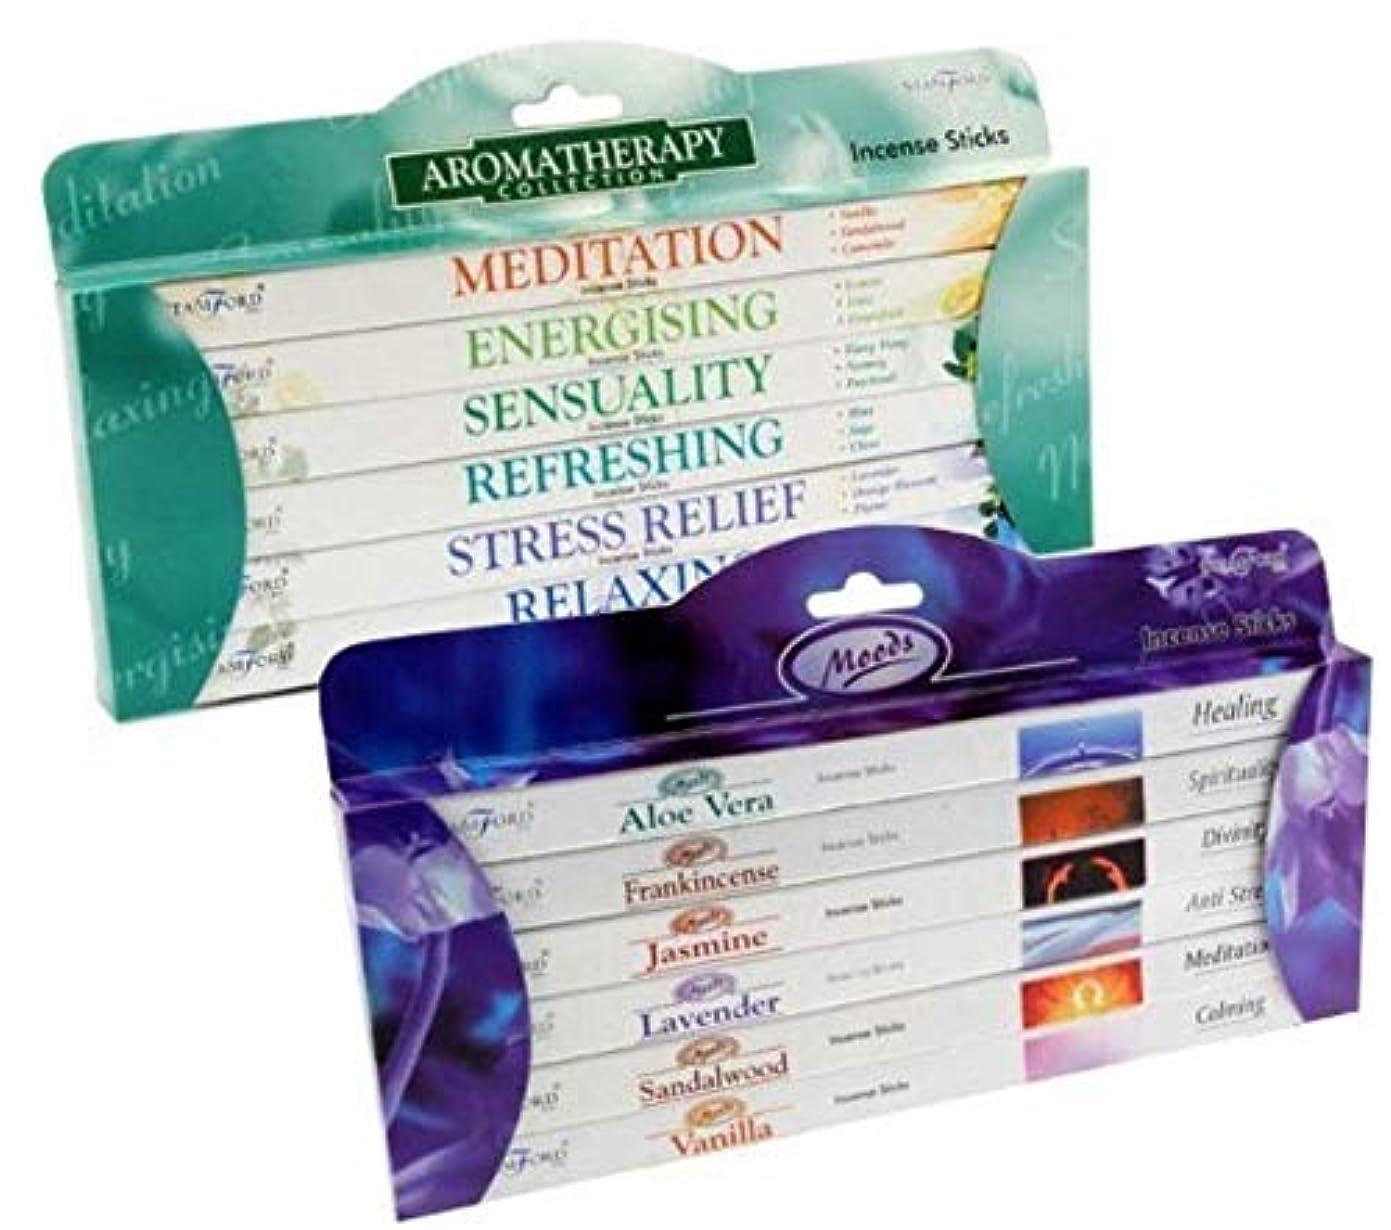 染色分布の量Value Gift Set of 96 Incense Sticks - Moods and Aromatherapy by Stamford by Stamford and Tulasi